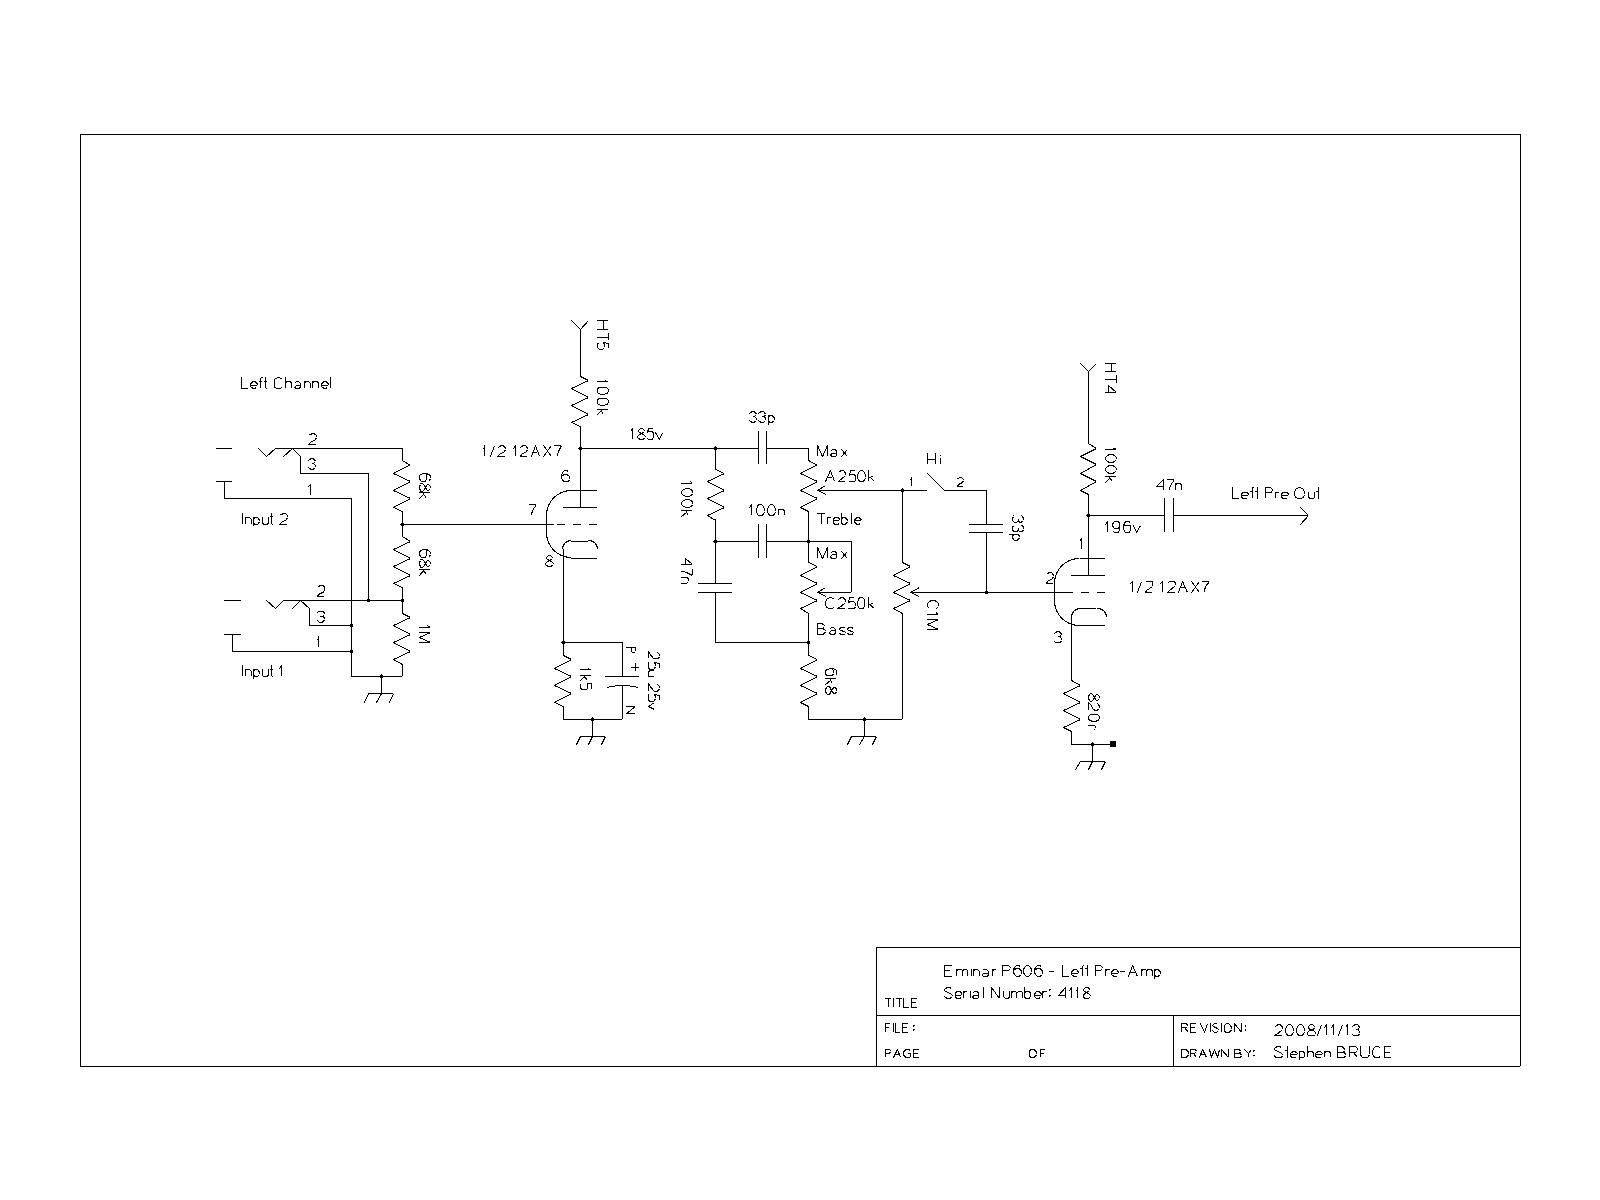 Eminar 70 Dart Wiring Diagram Preamp Left Circuit